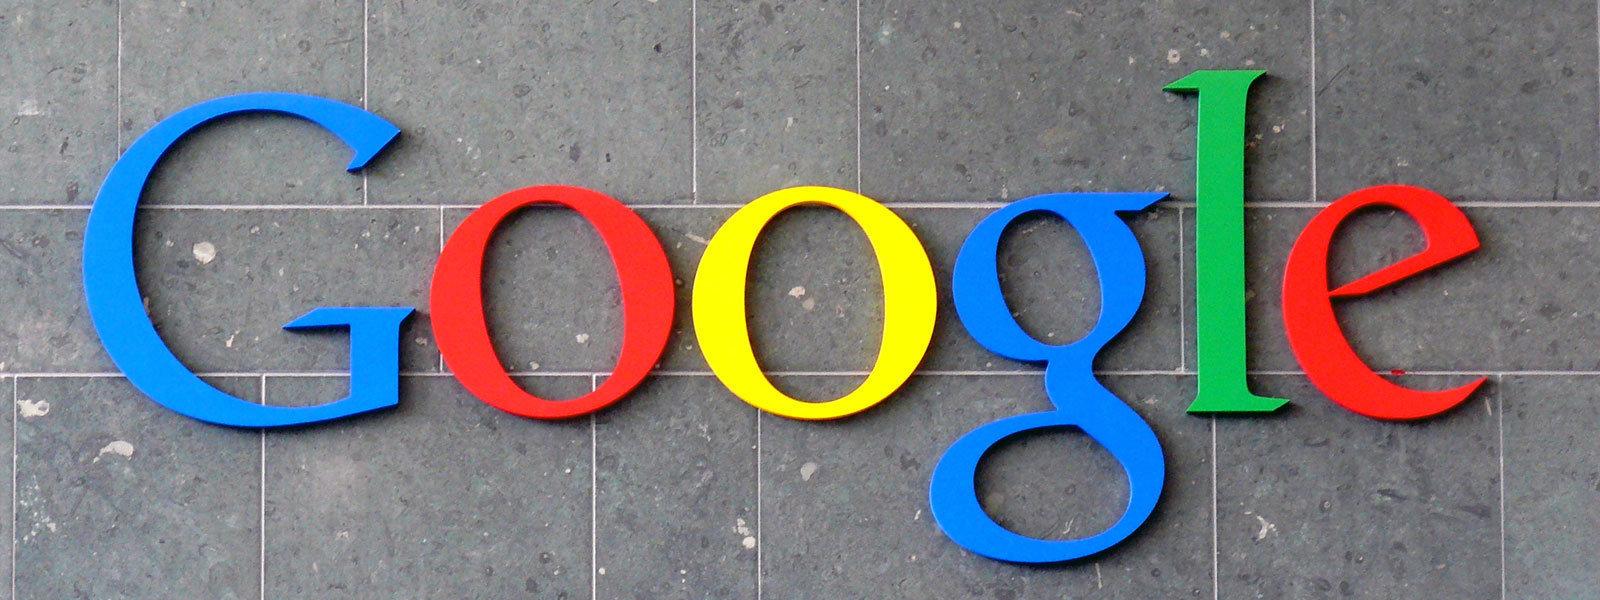 Teksten voor Google of de bezoeker?